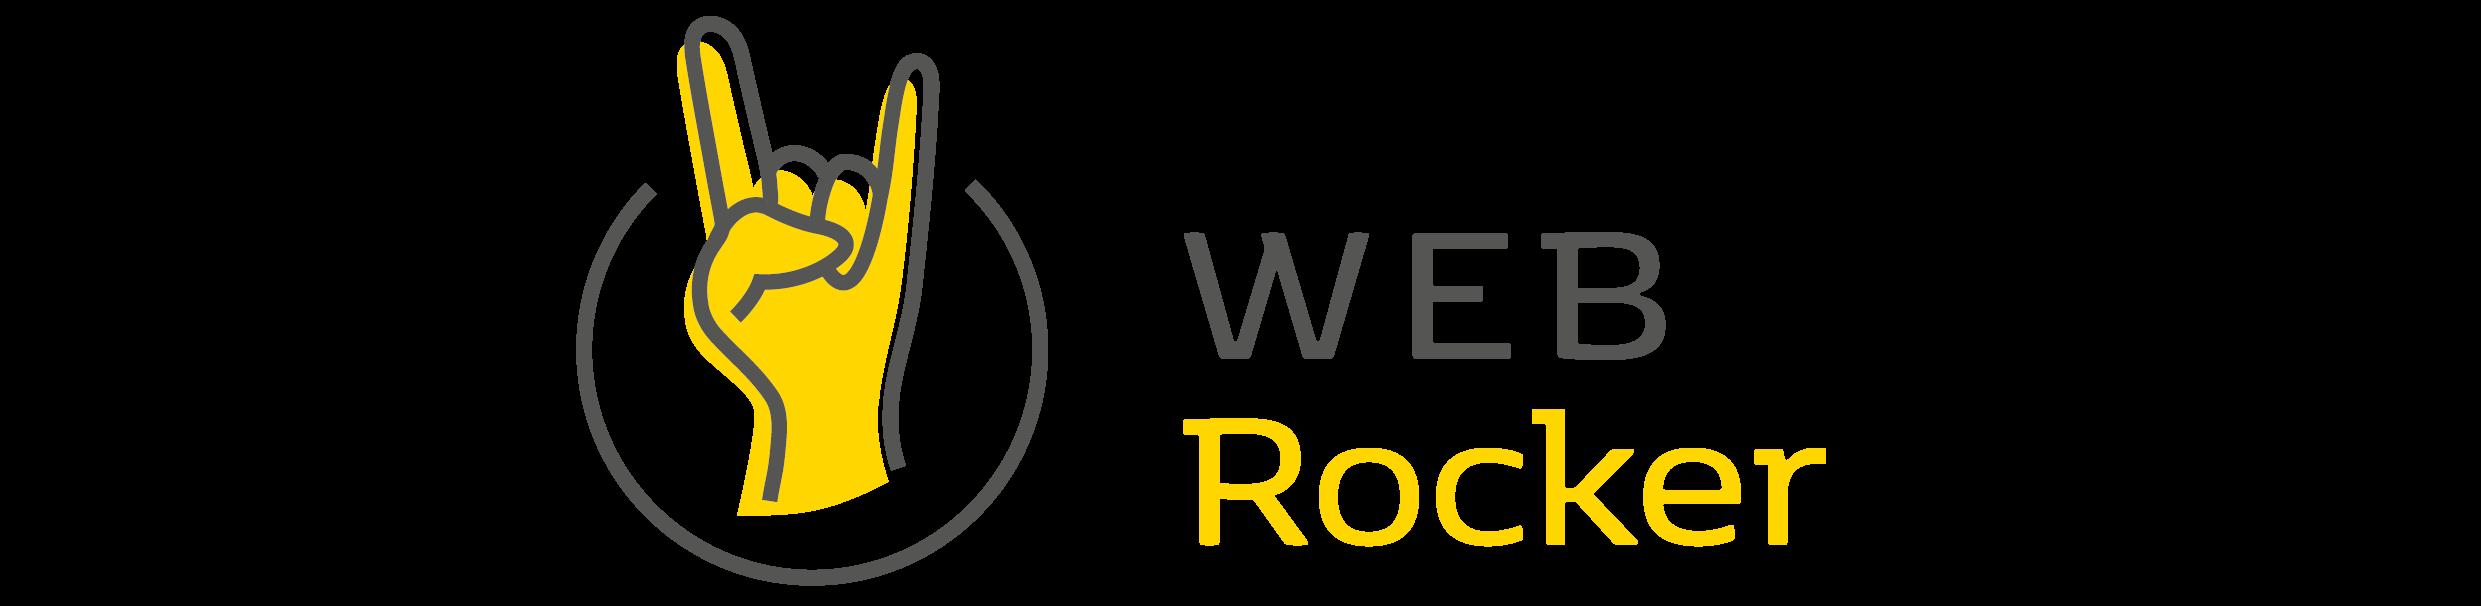 Web Rocker